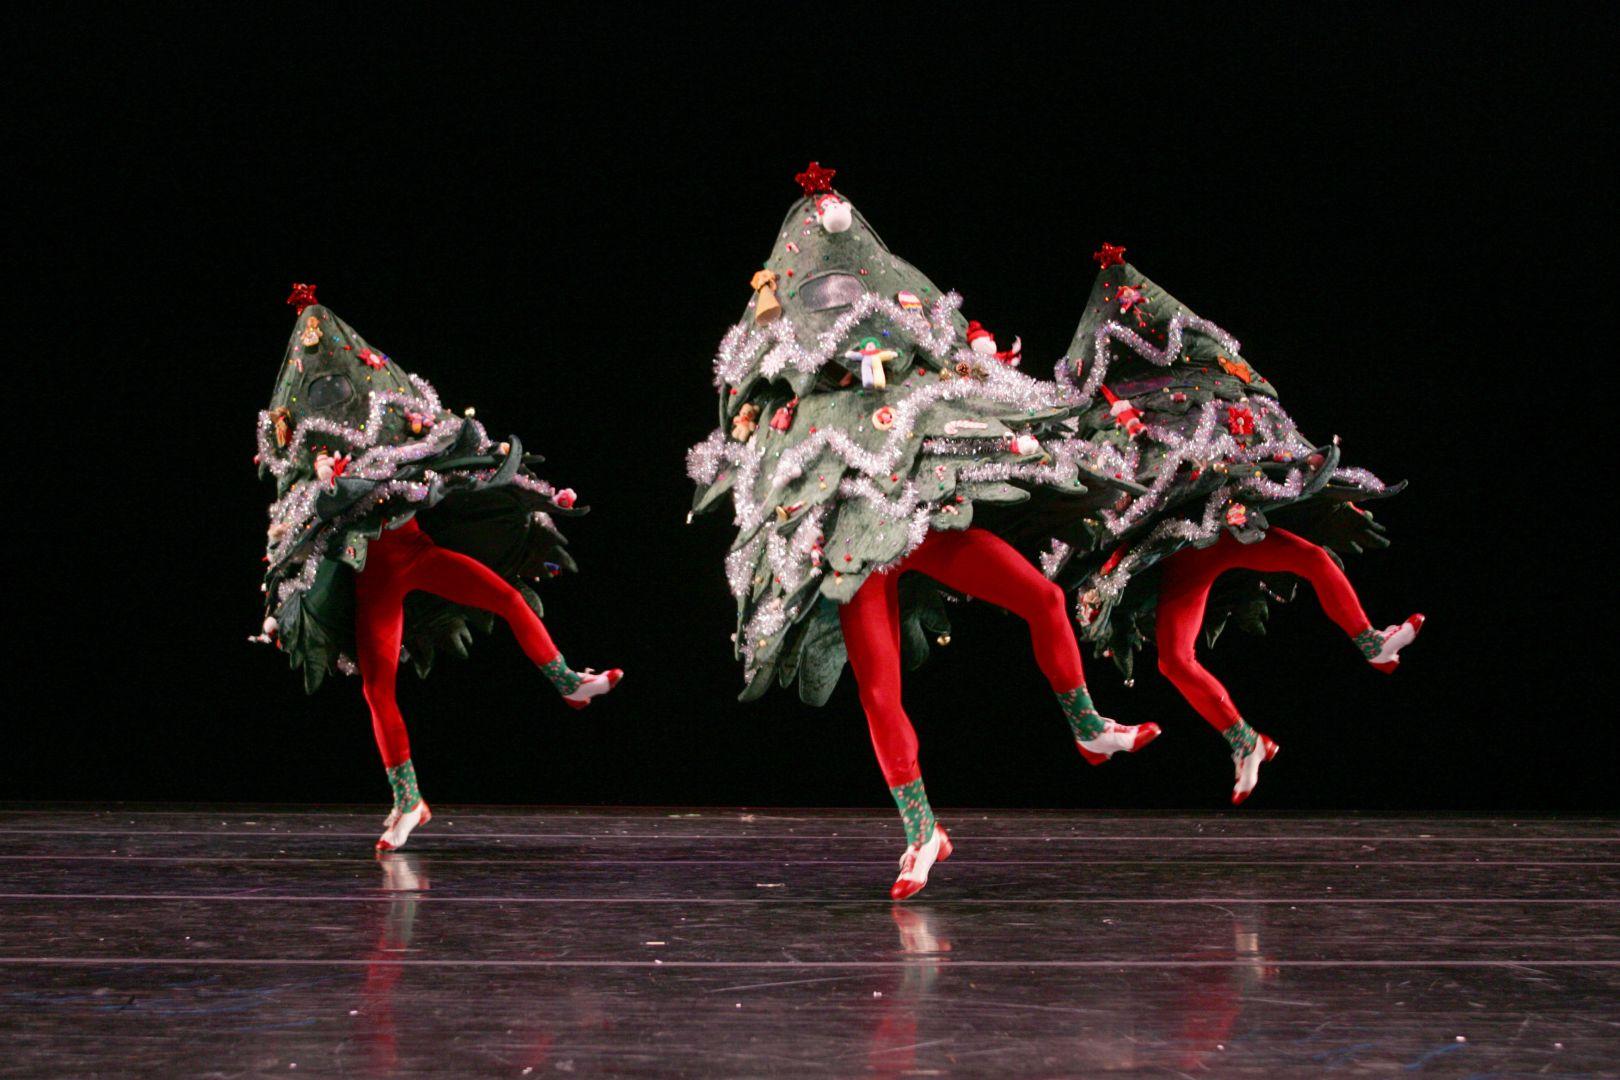 танцующие новогодние поздравления косметики самым лучшим